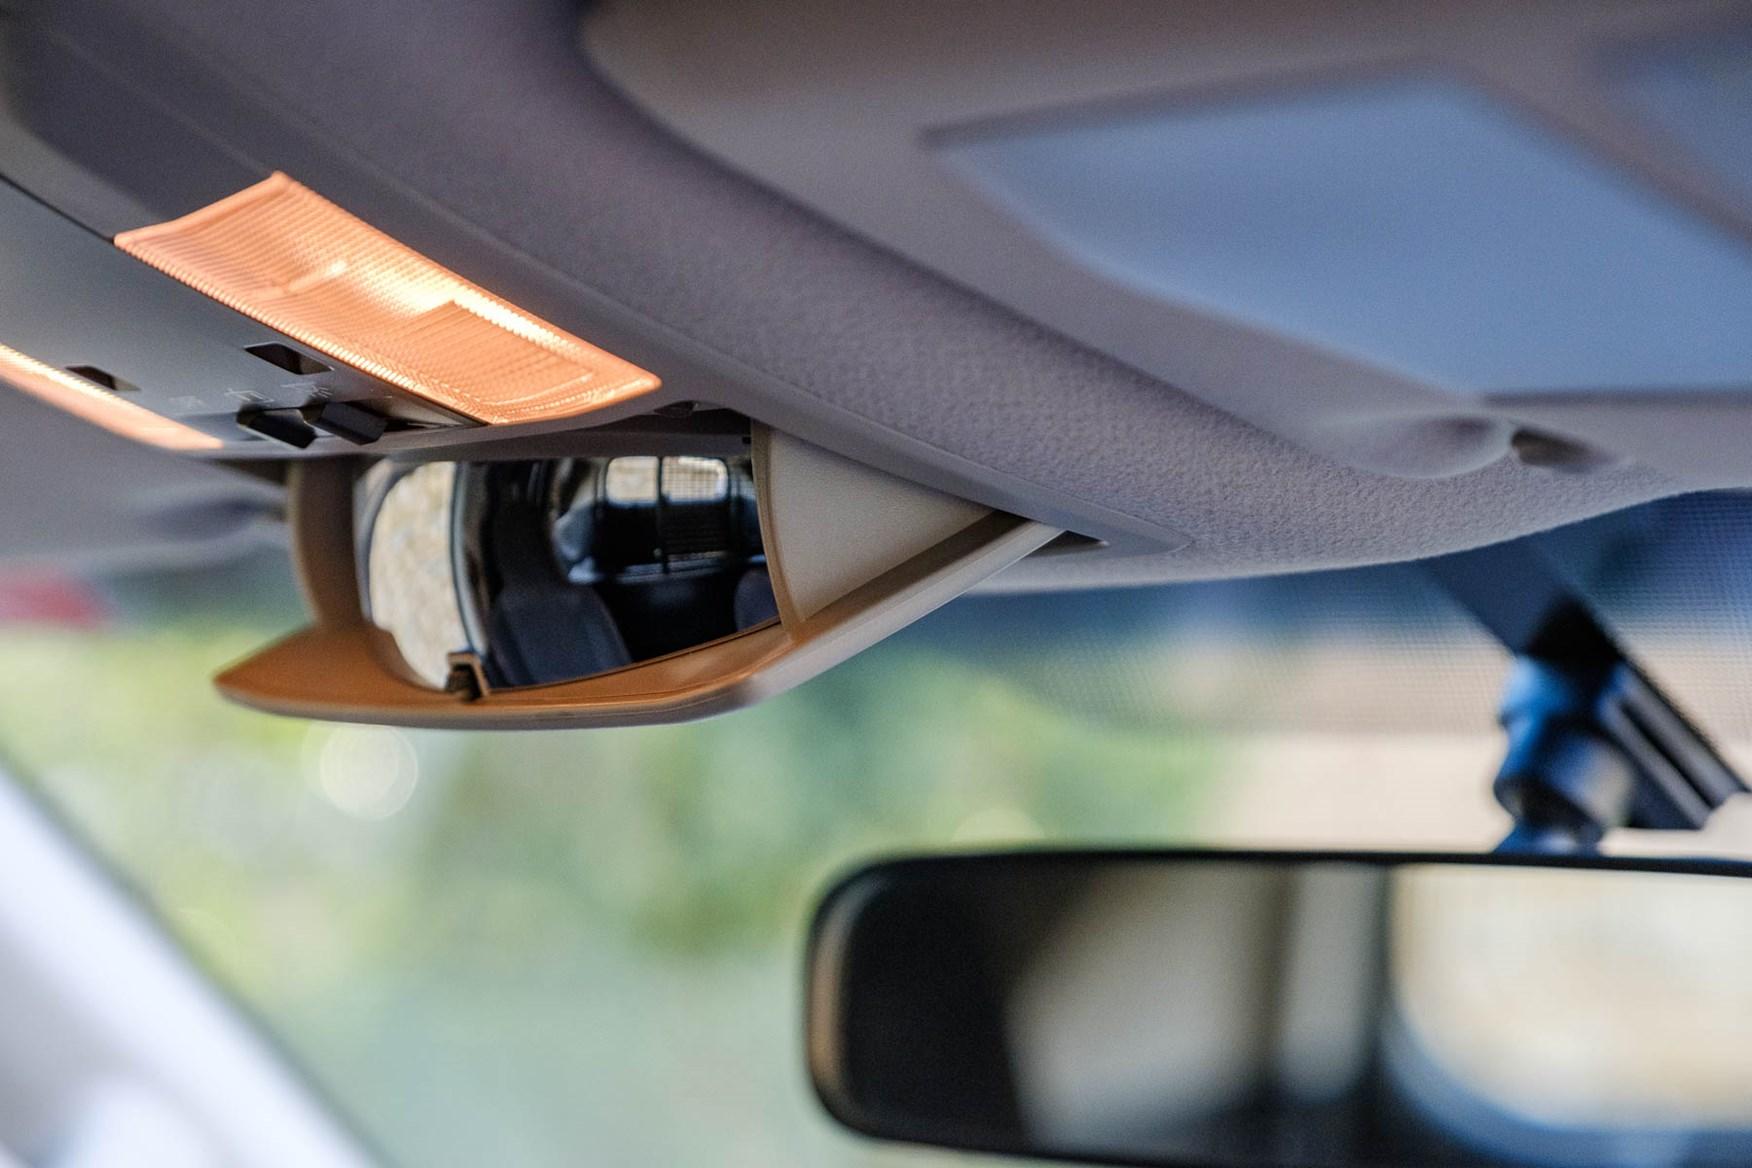 Toyota Land Cruiser conversation mirror